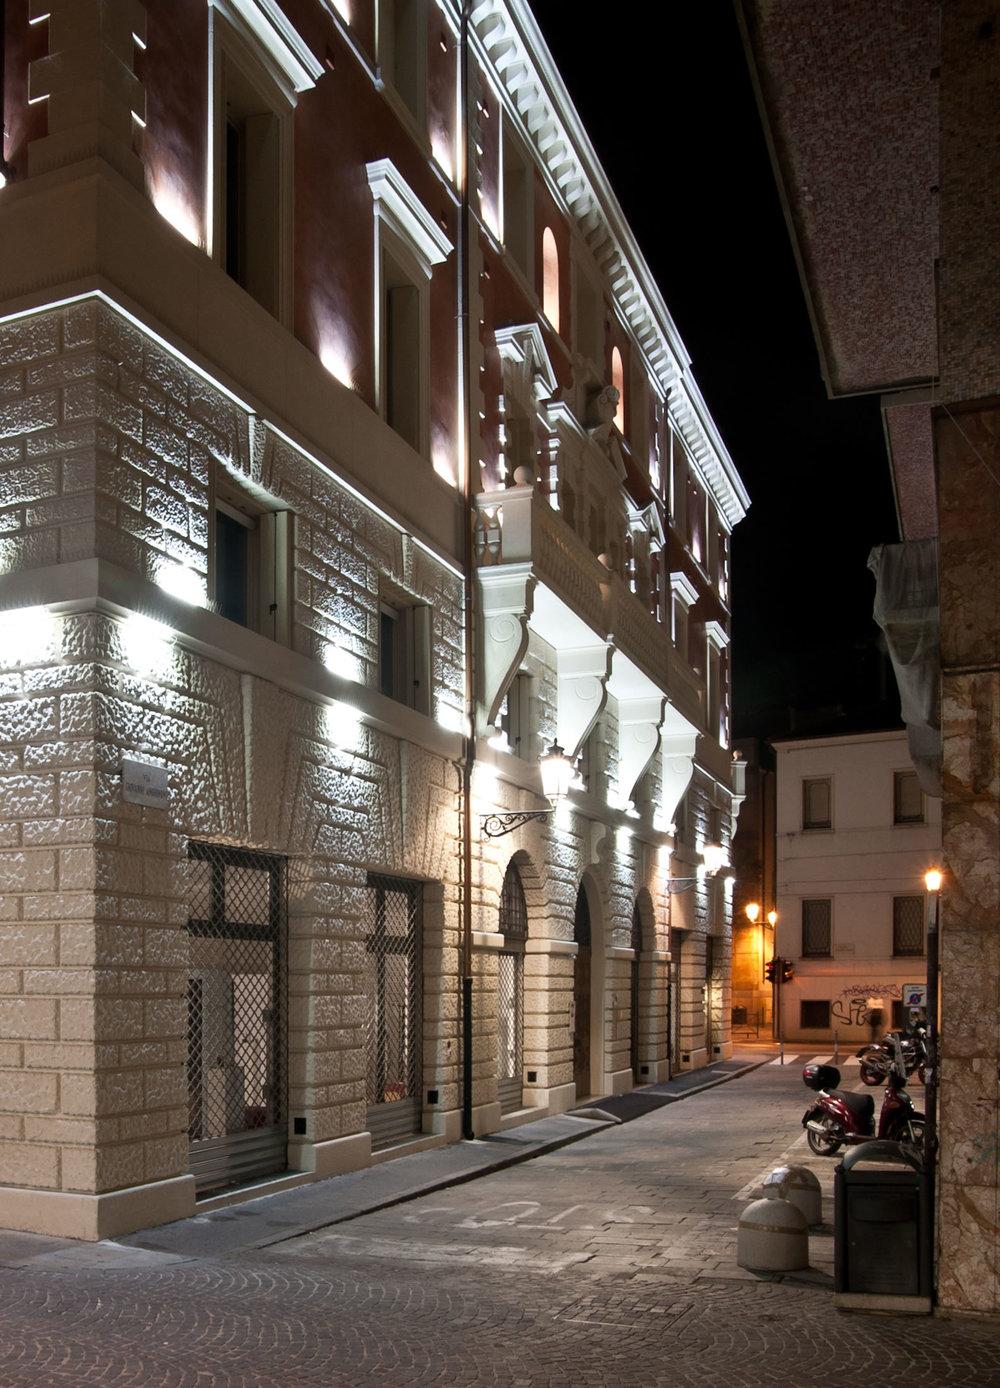 Rubano, Italy